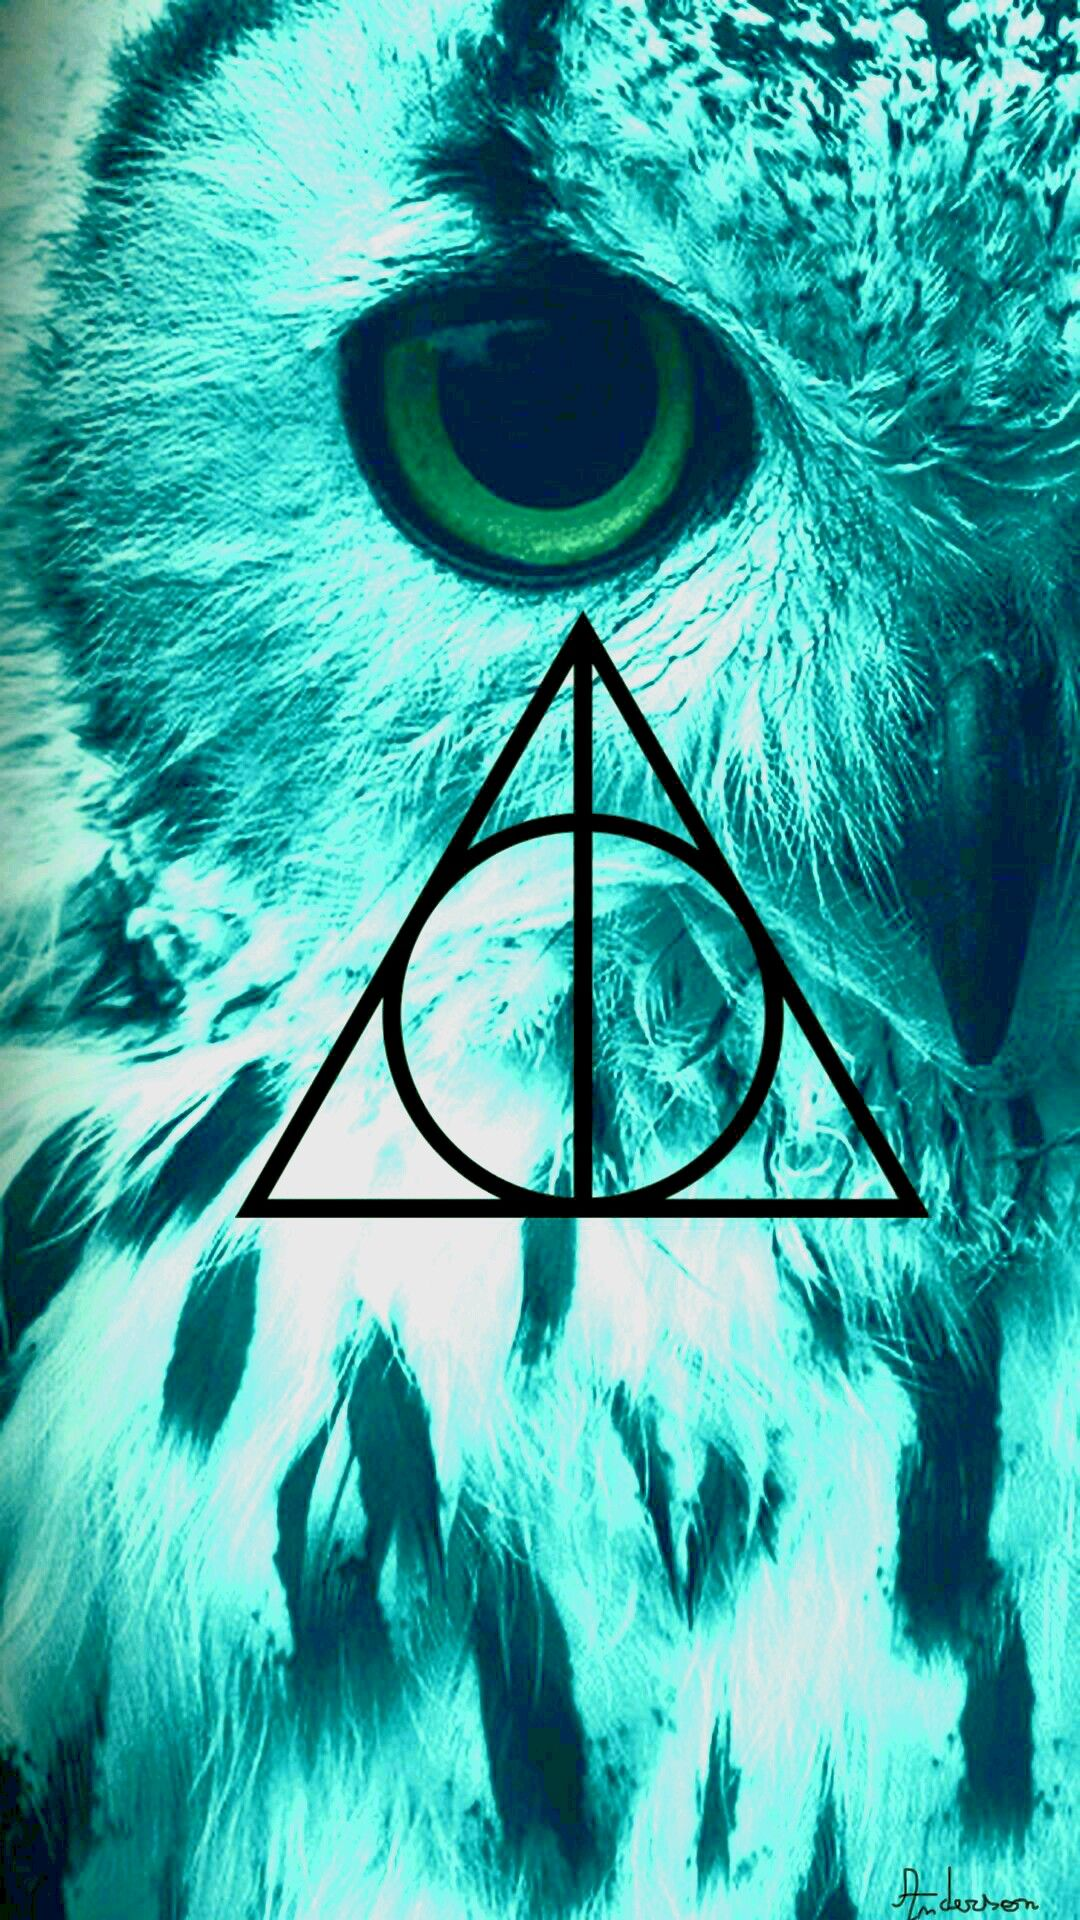 Most Inspiring Wallpaper Harry Potter Fanart - b47ec0c2d6cfb1b719a2953f3e92bd65  Trends_429177.jpg